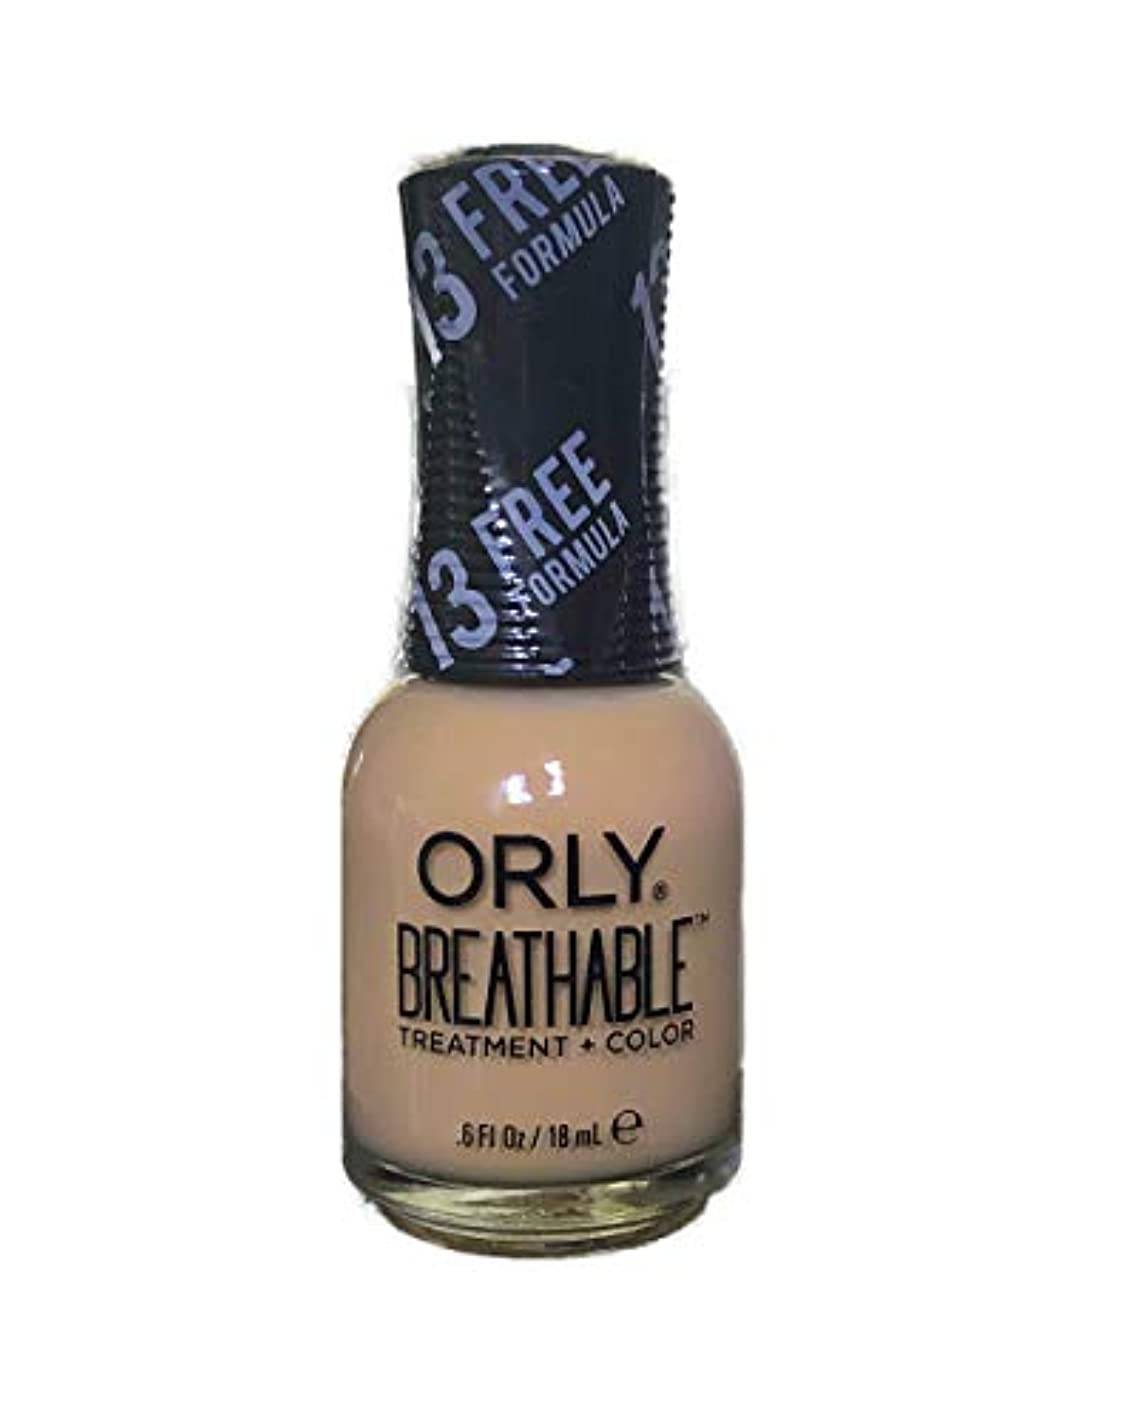 文明化する障害者フリッパーOrly Breathable Nail Lacquer - Treatment + Color - You Go Girl - 0.6 oz / 18 mL